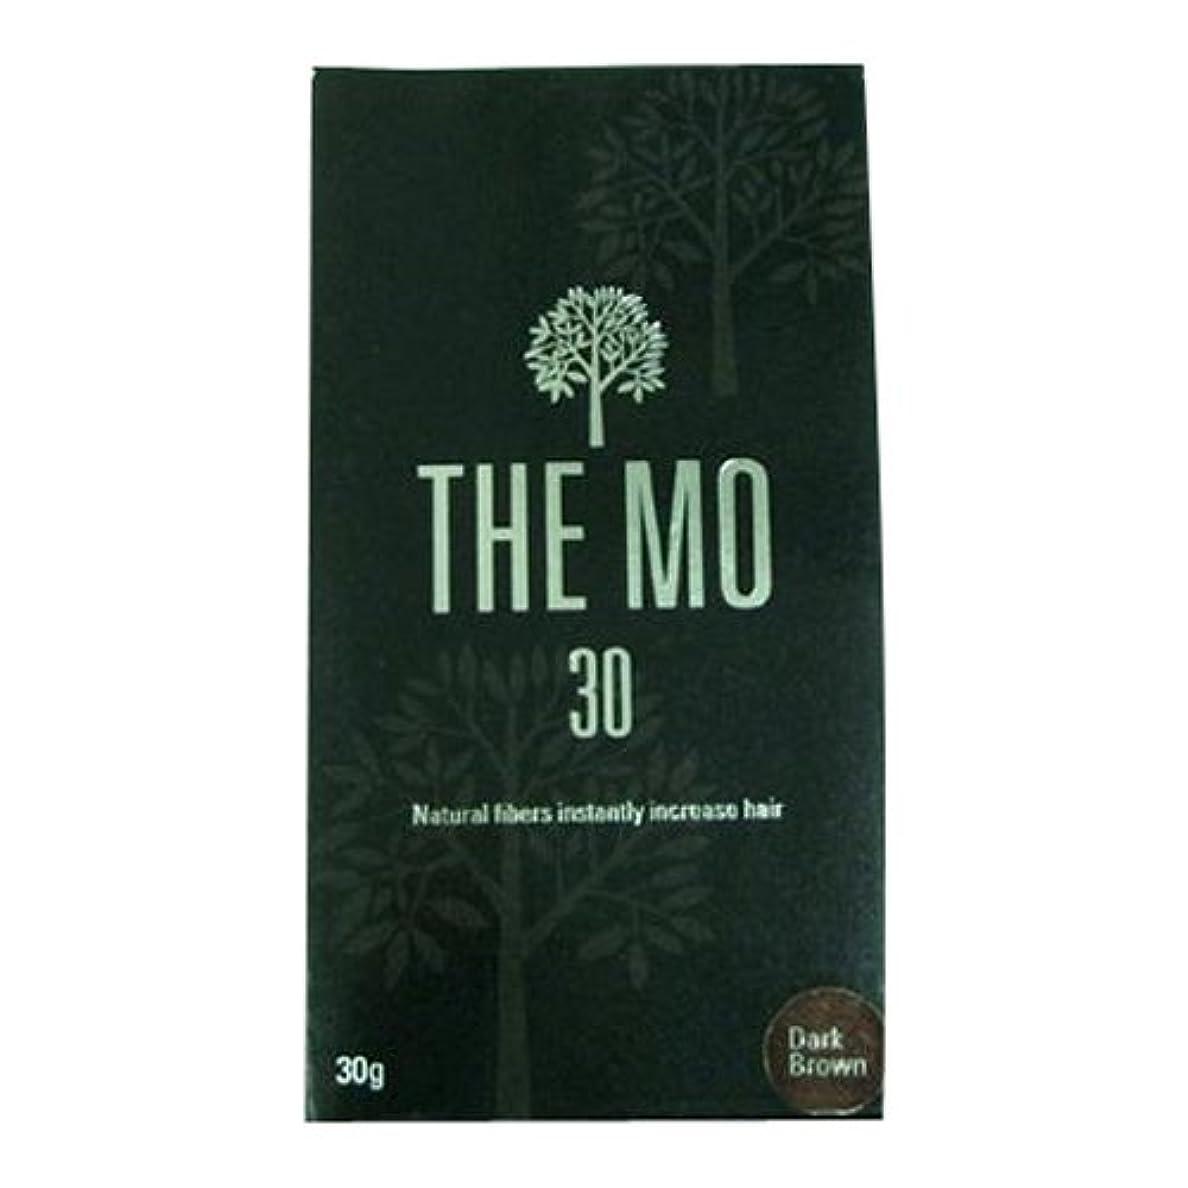 促す思いやりのある性的ケイセイ THA MO ザモ 本体(30g×2個) 茶